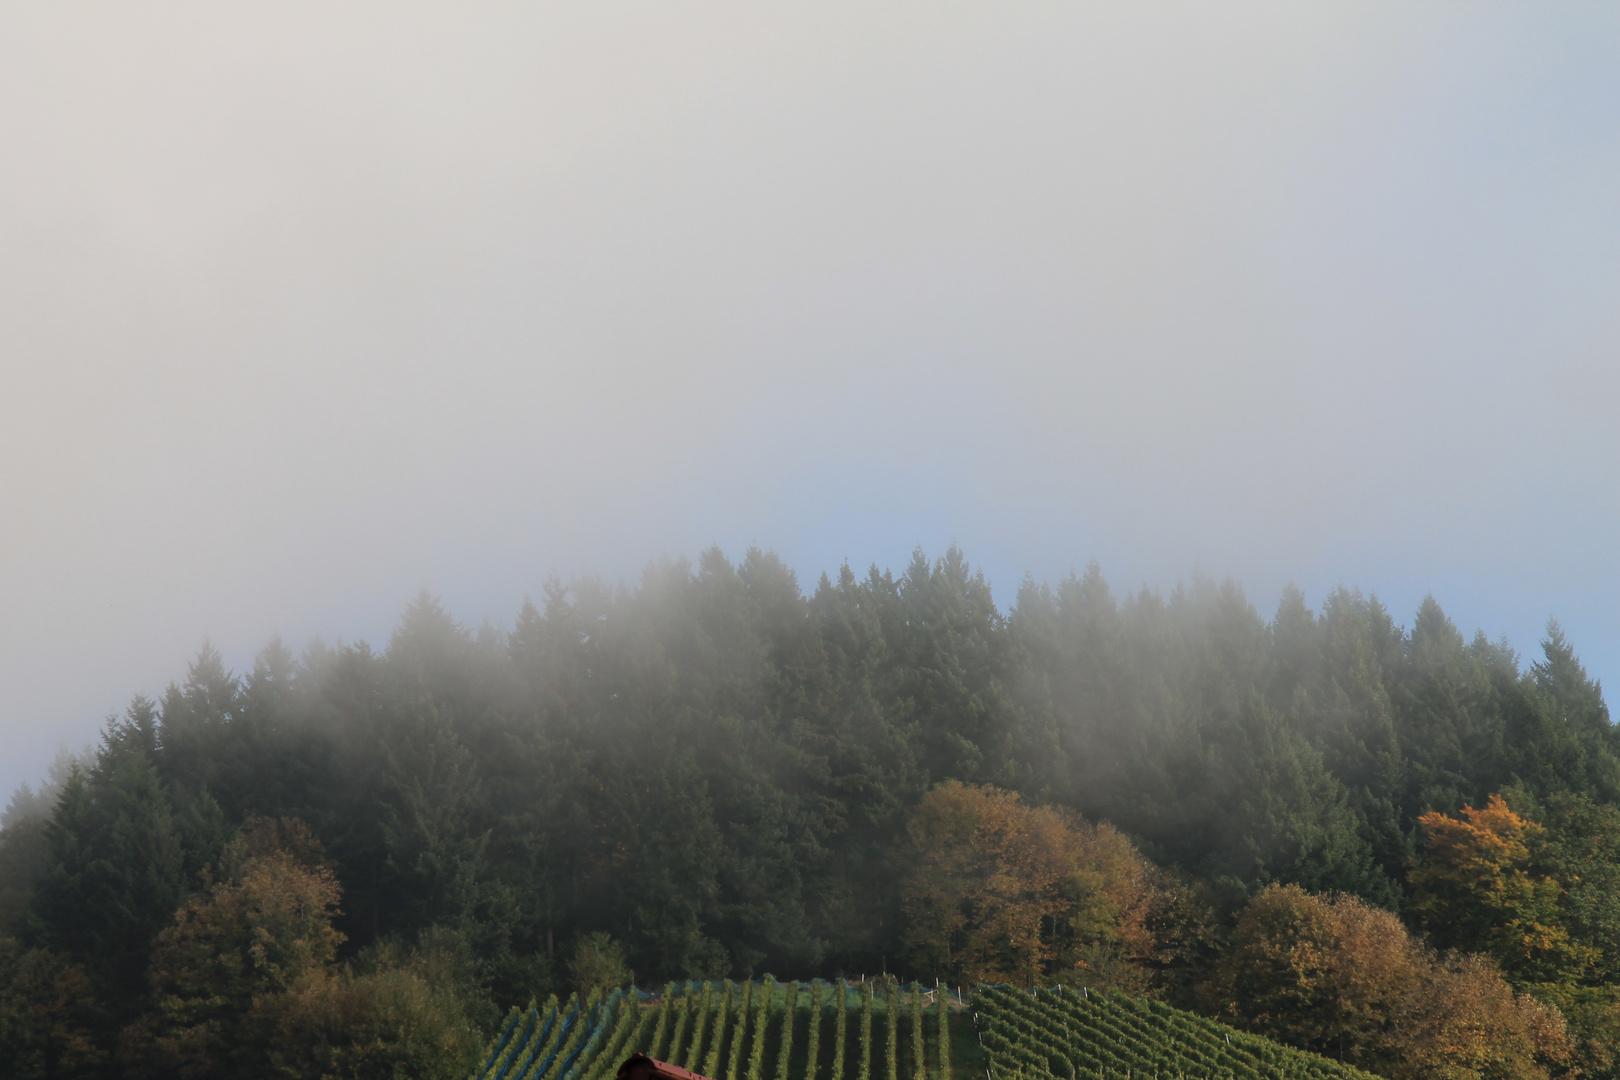 Nebel über dem Rebberg